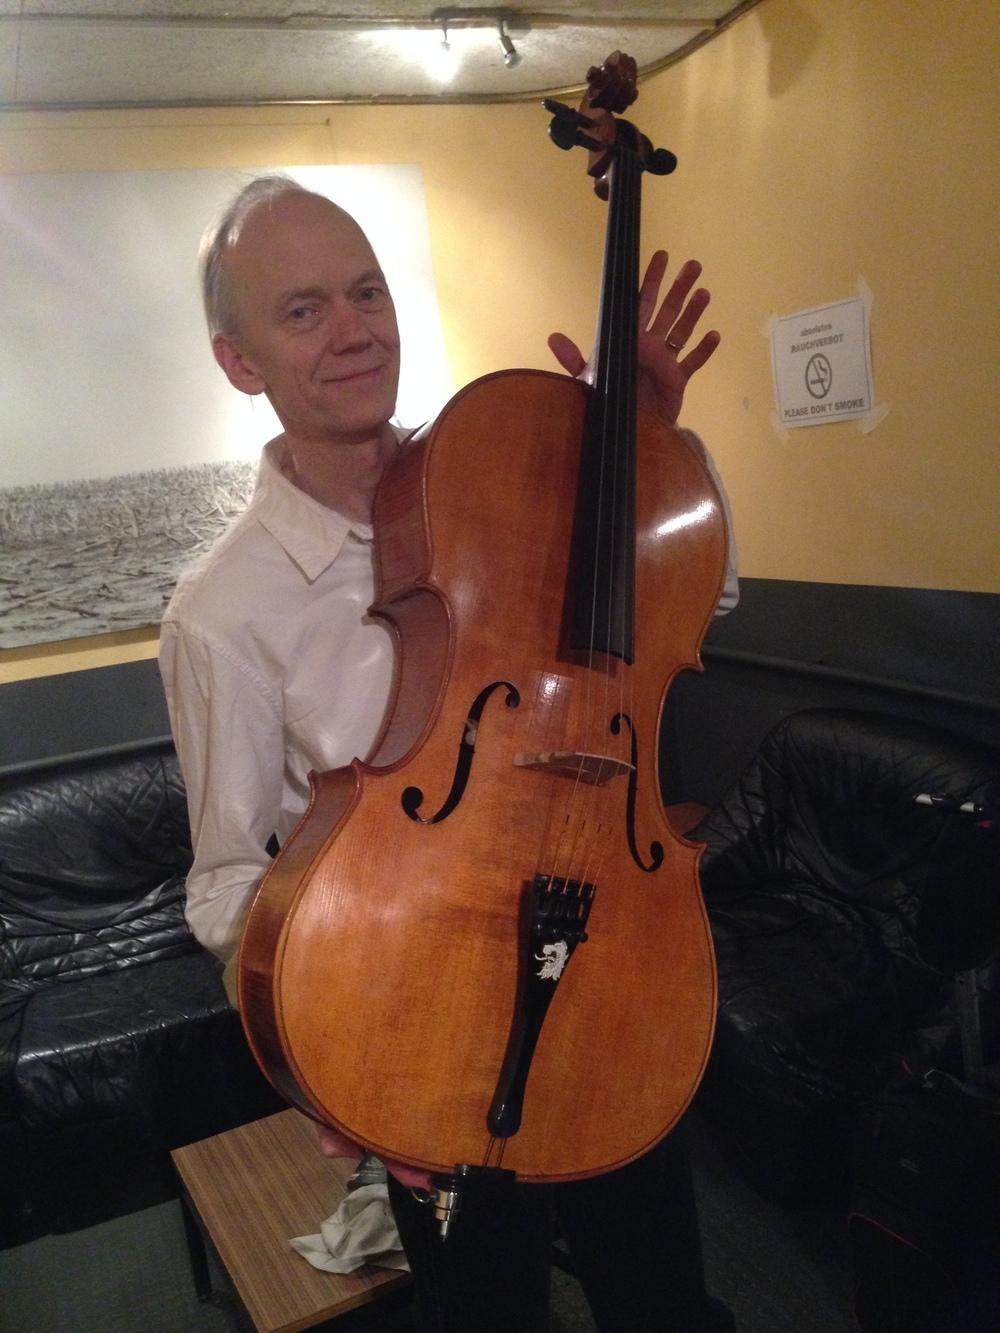 koln stand w cello.JPG